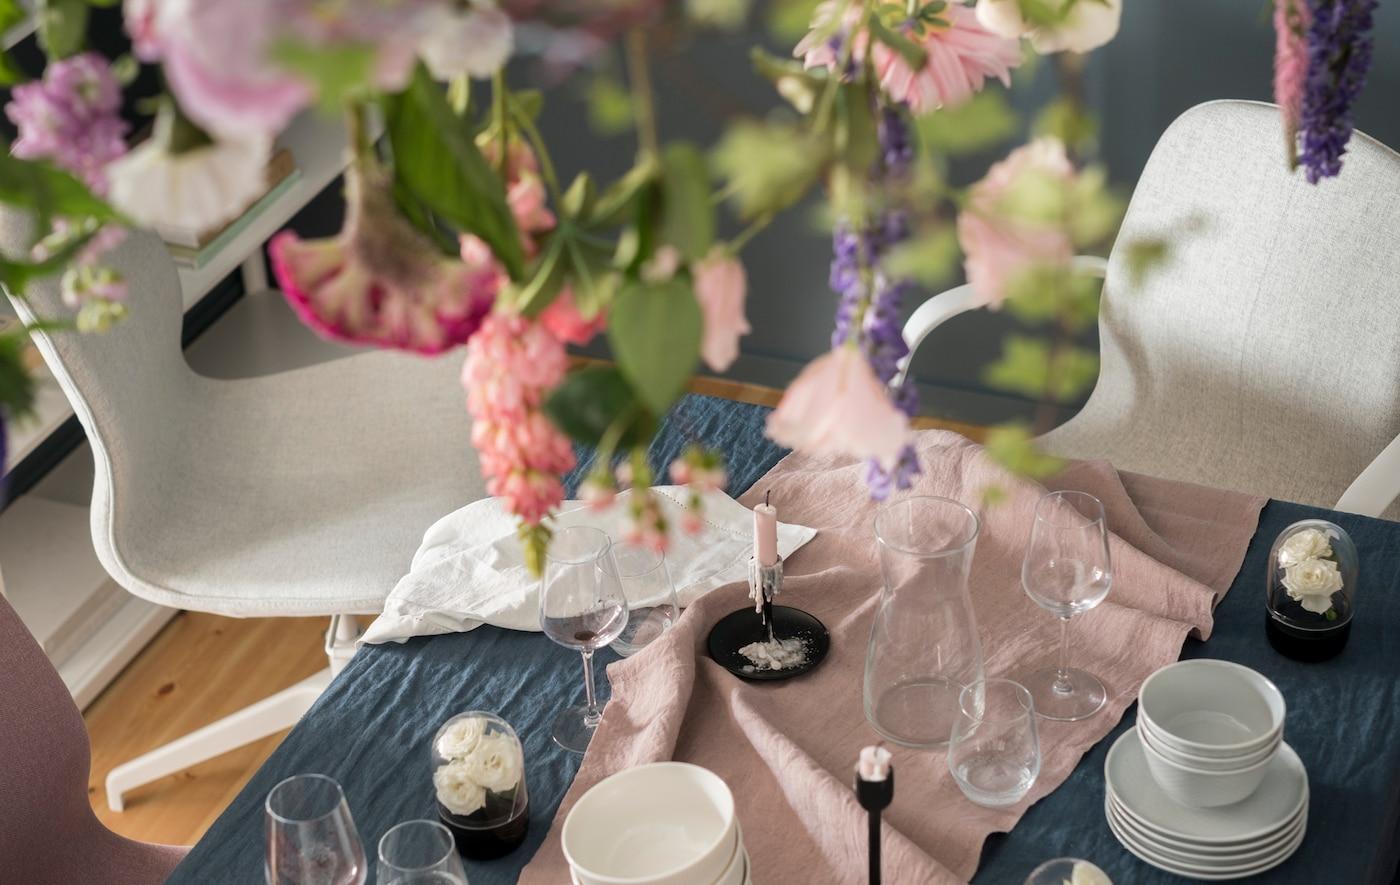 Una mesa de comedor decorada para una cena especial, con sillas de oficina IKEA LÅNGFJÄLL como asientos para invitados inesperados.